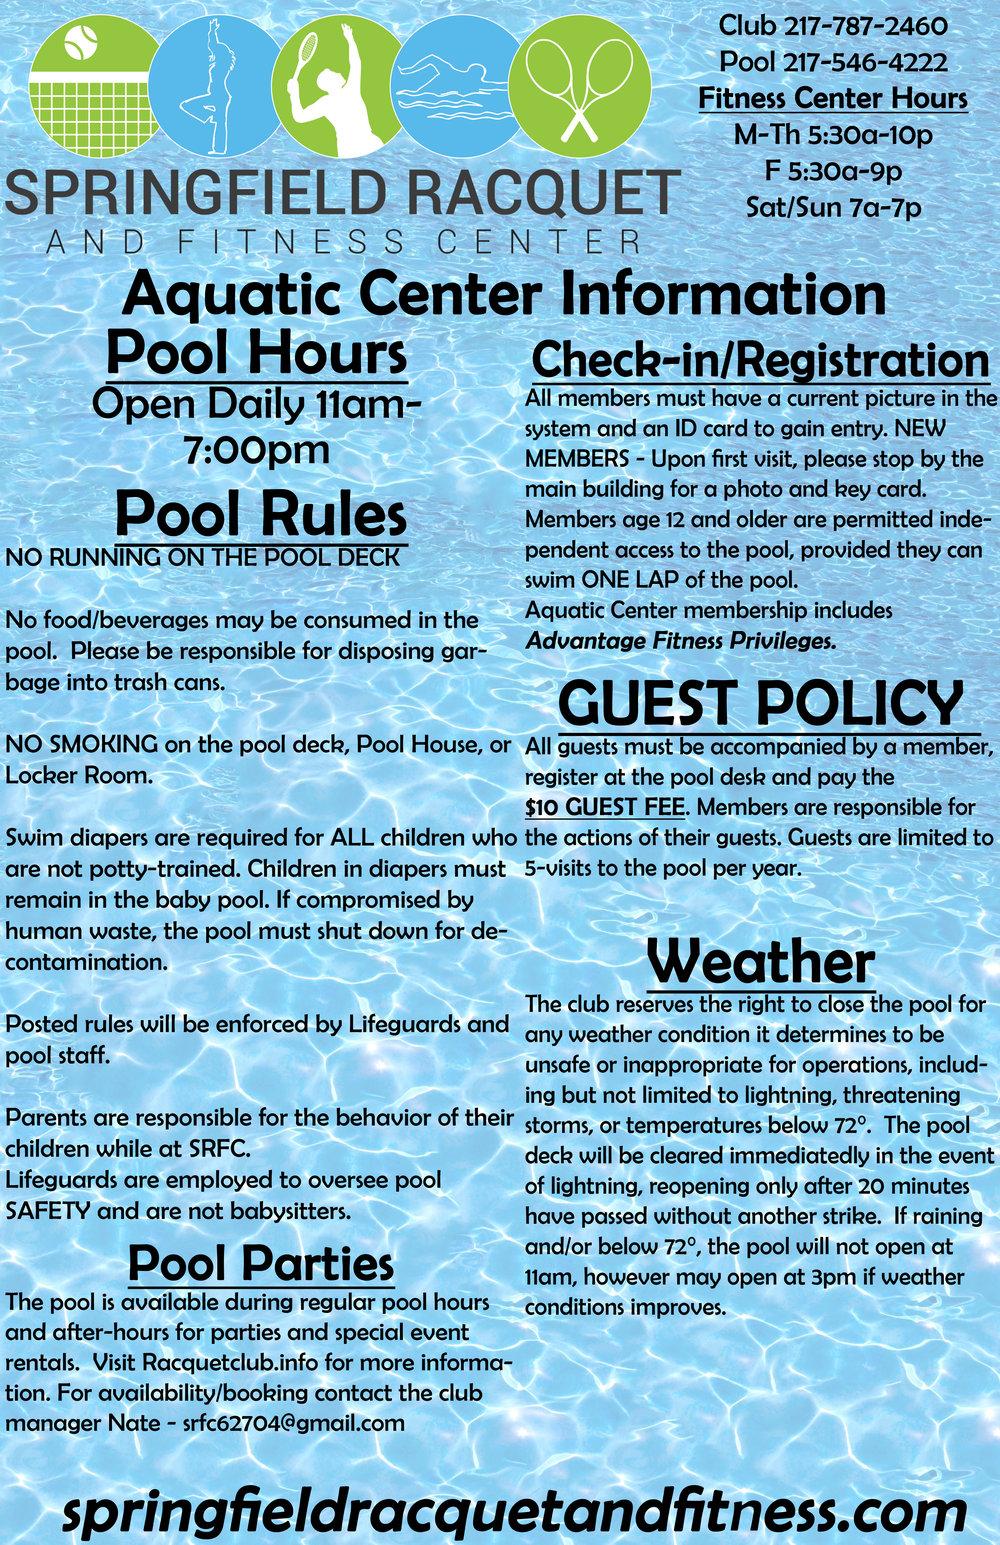 general aquatic center information flyer.jpg